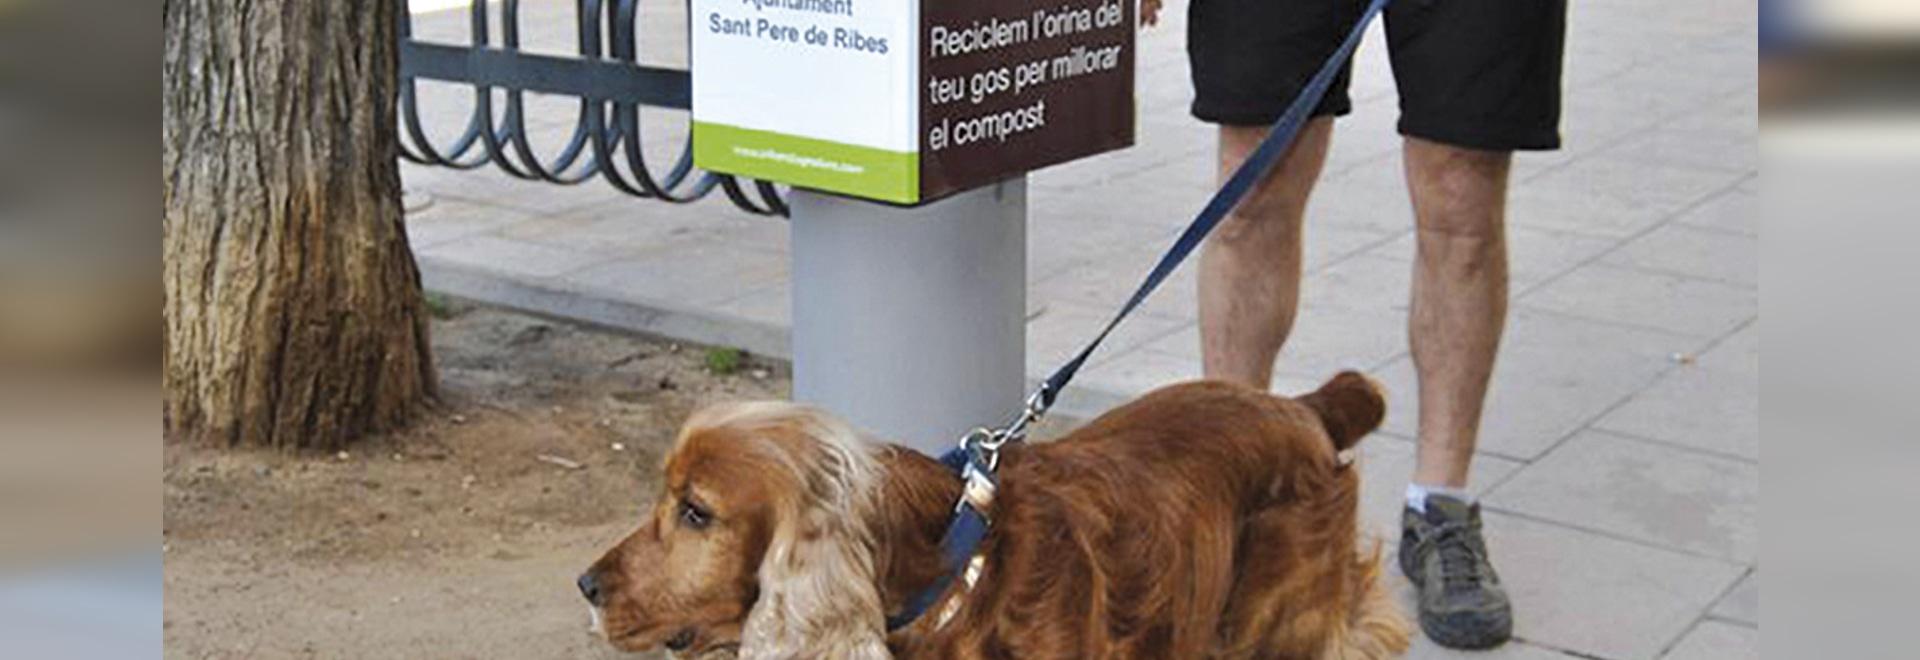 Städtischer Hundeurin-Kollektor installierte